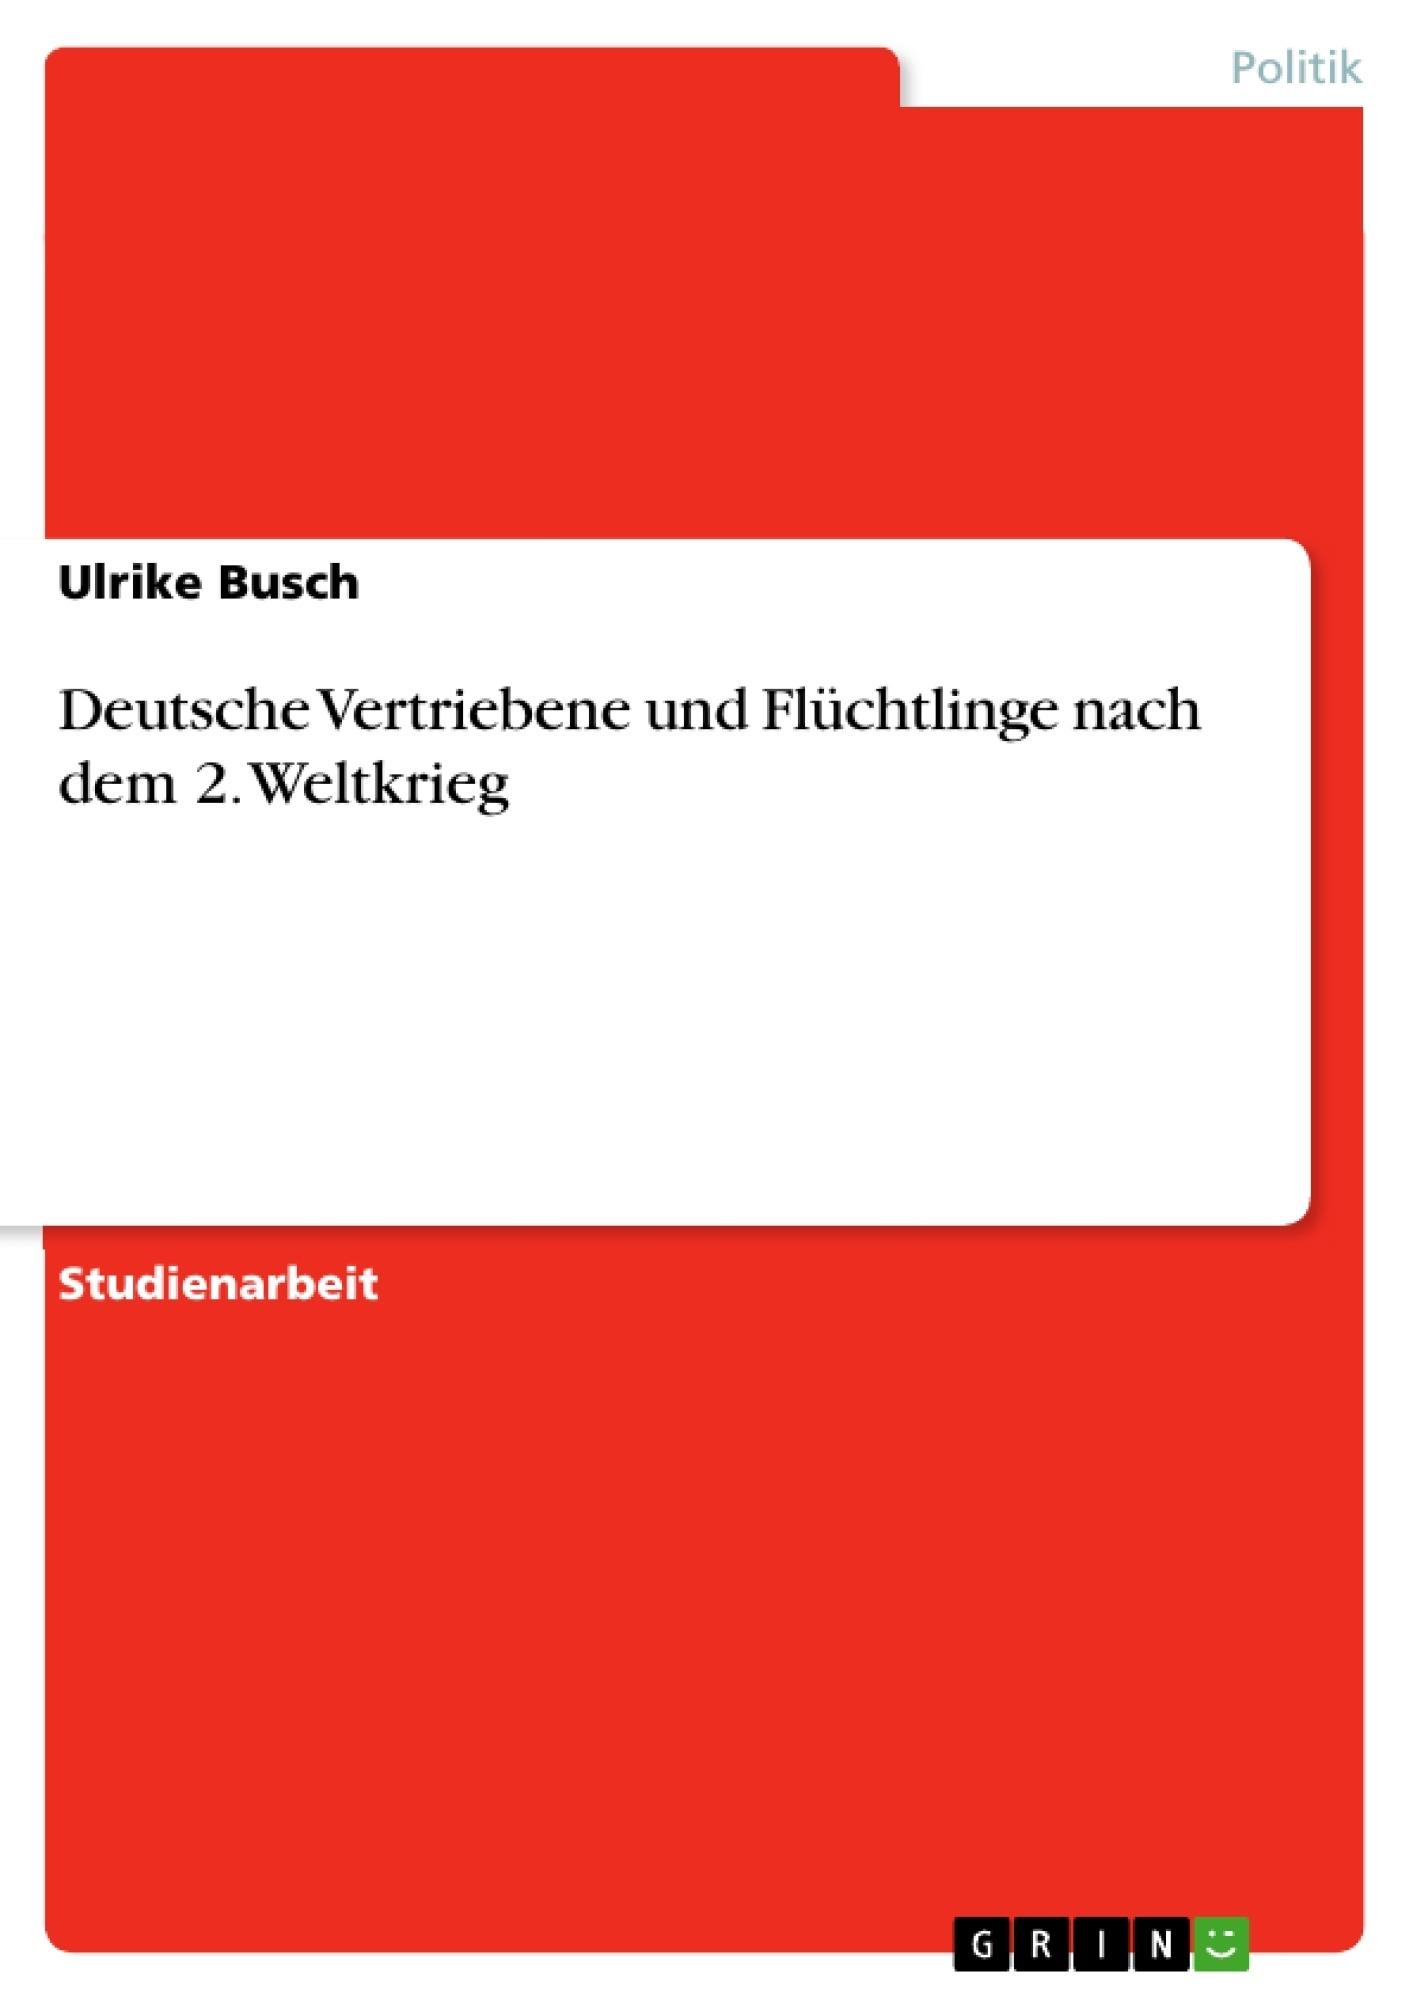 Titel: Deutsche Vertriebene und Flüchtlinge nach dem 2. Weltkrieg